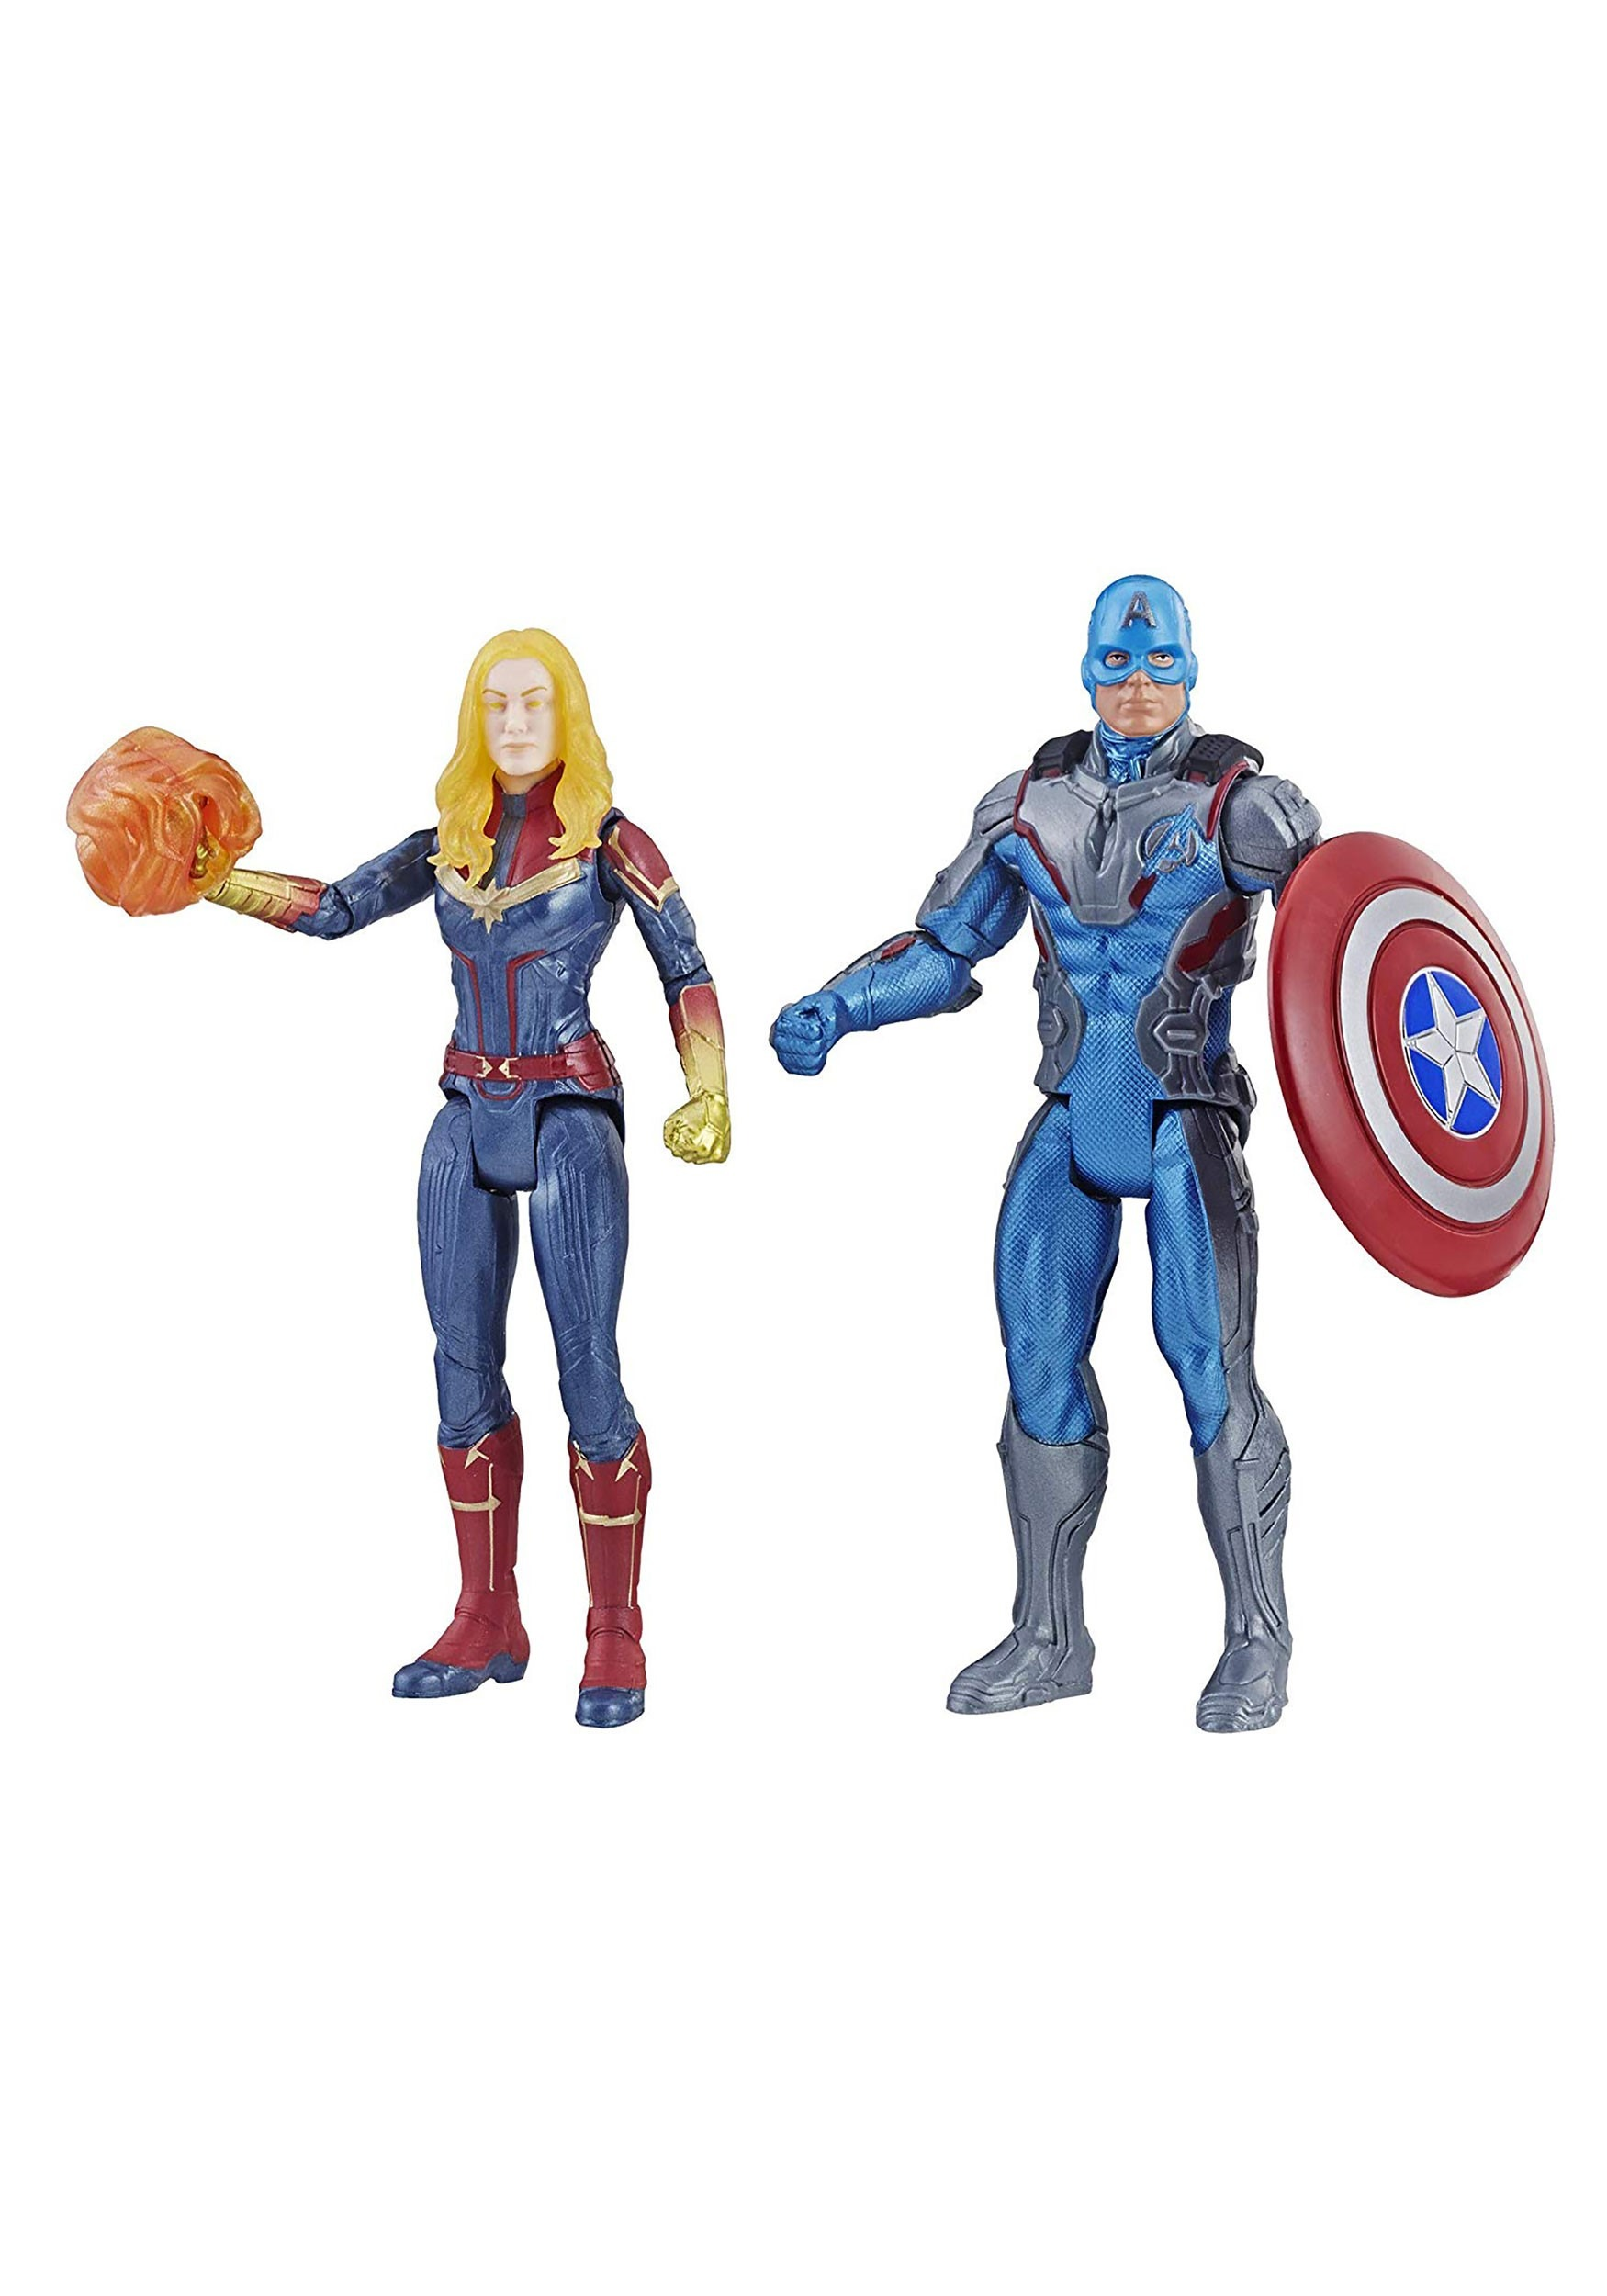 Avengers: Endgame Captain America & Captain Marvel Action Figure 2-pack